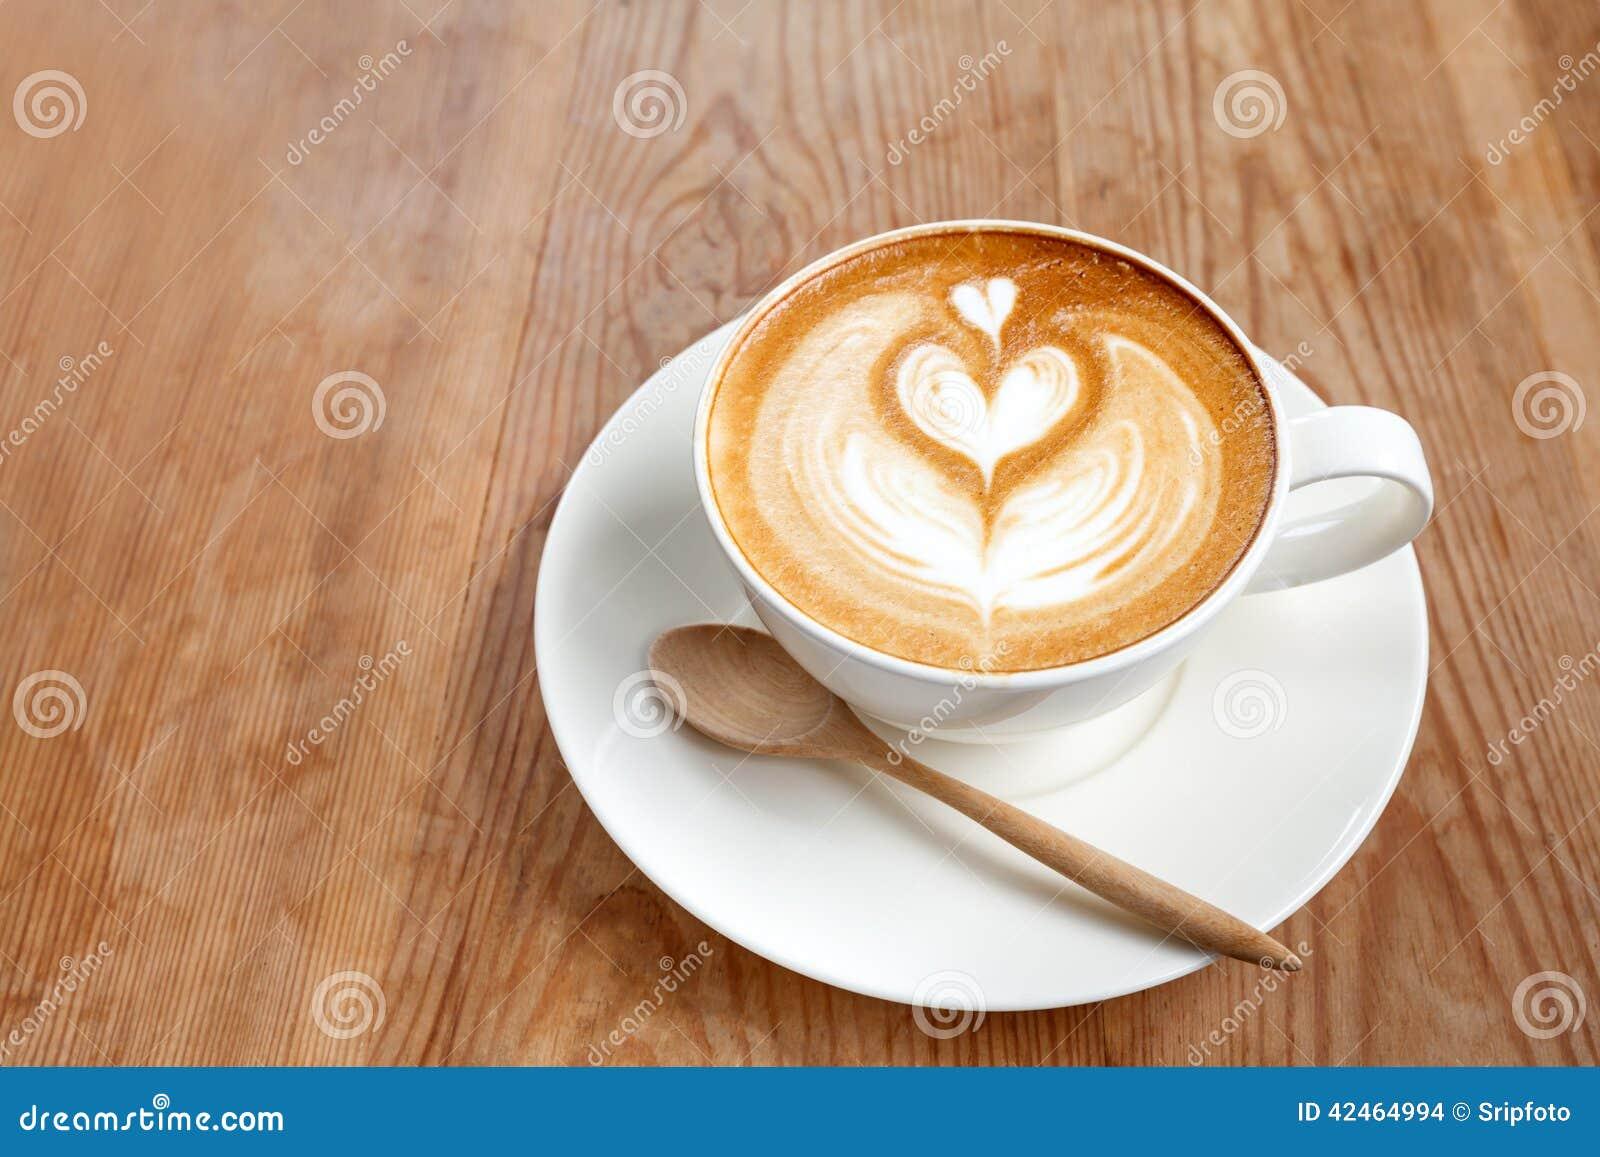 Schale Lattekaffee auf hölzernem